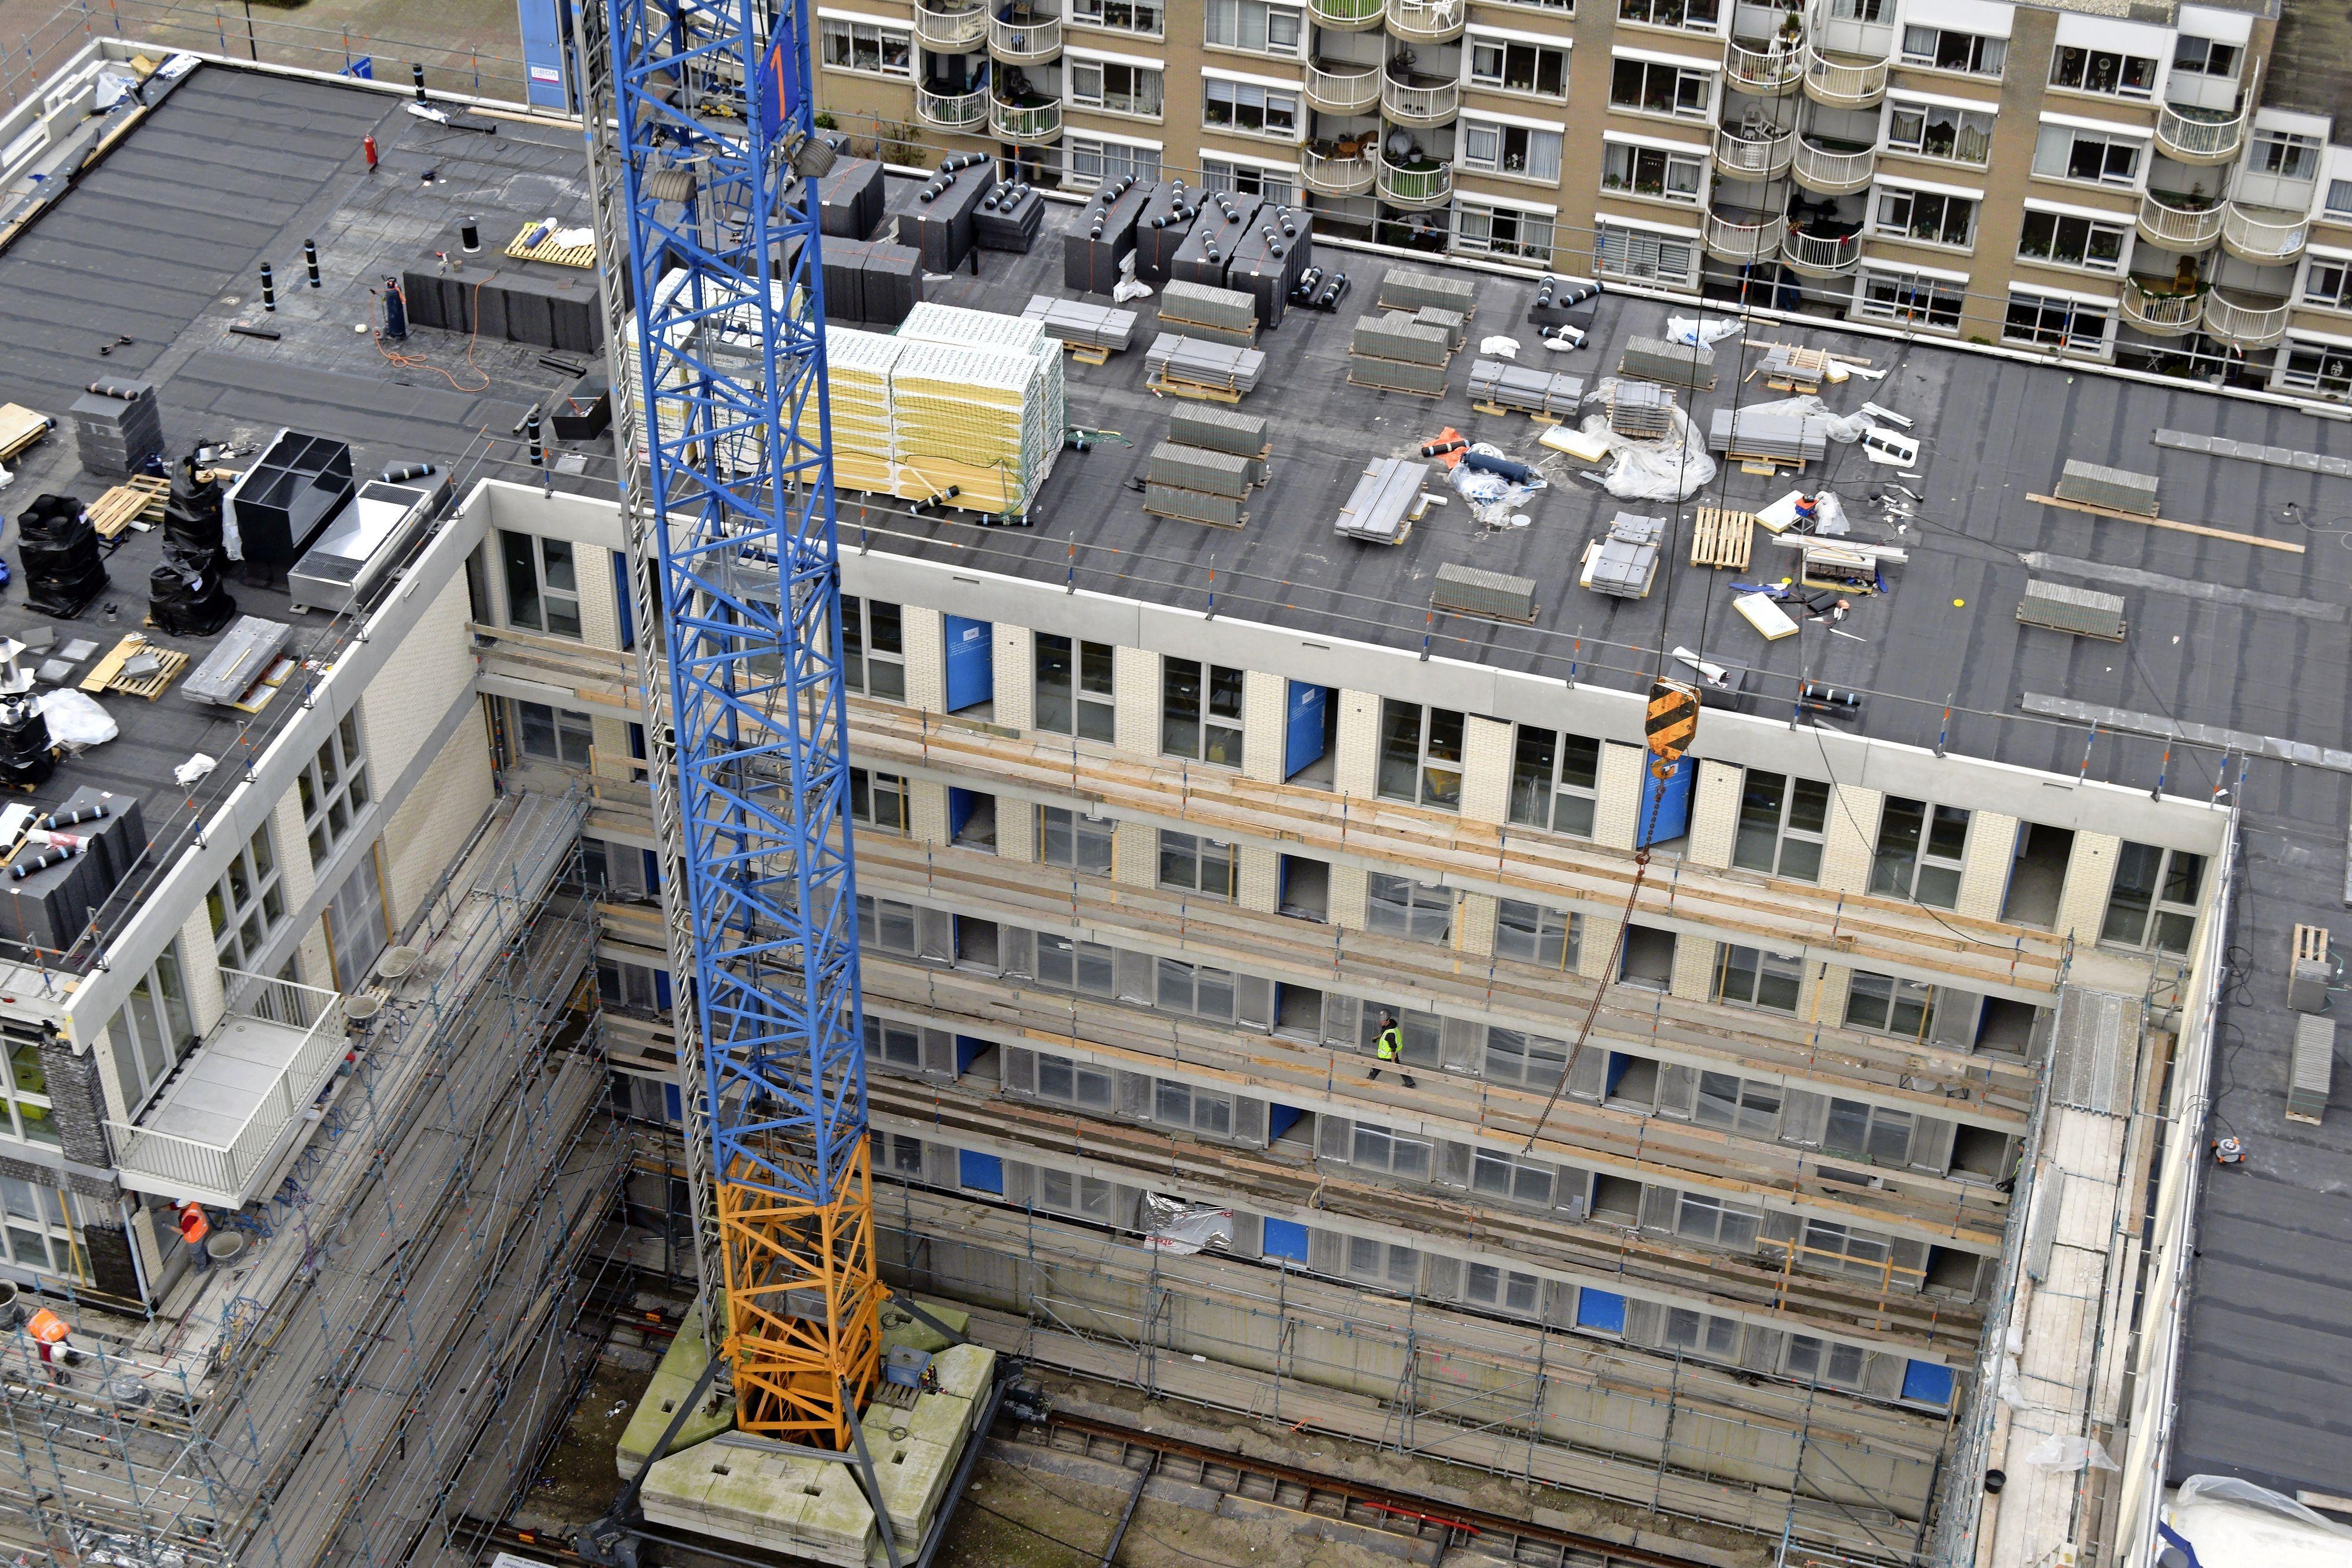 Puzzel voor bouwproject in Heerhugowaard nog niet gelegd. Bouwbedrijf De Nijs vraagt en krijgt uitstel voor vergunning